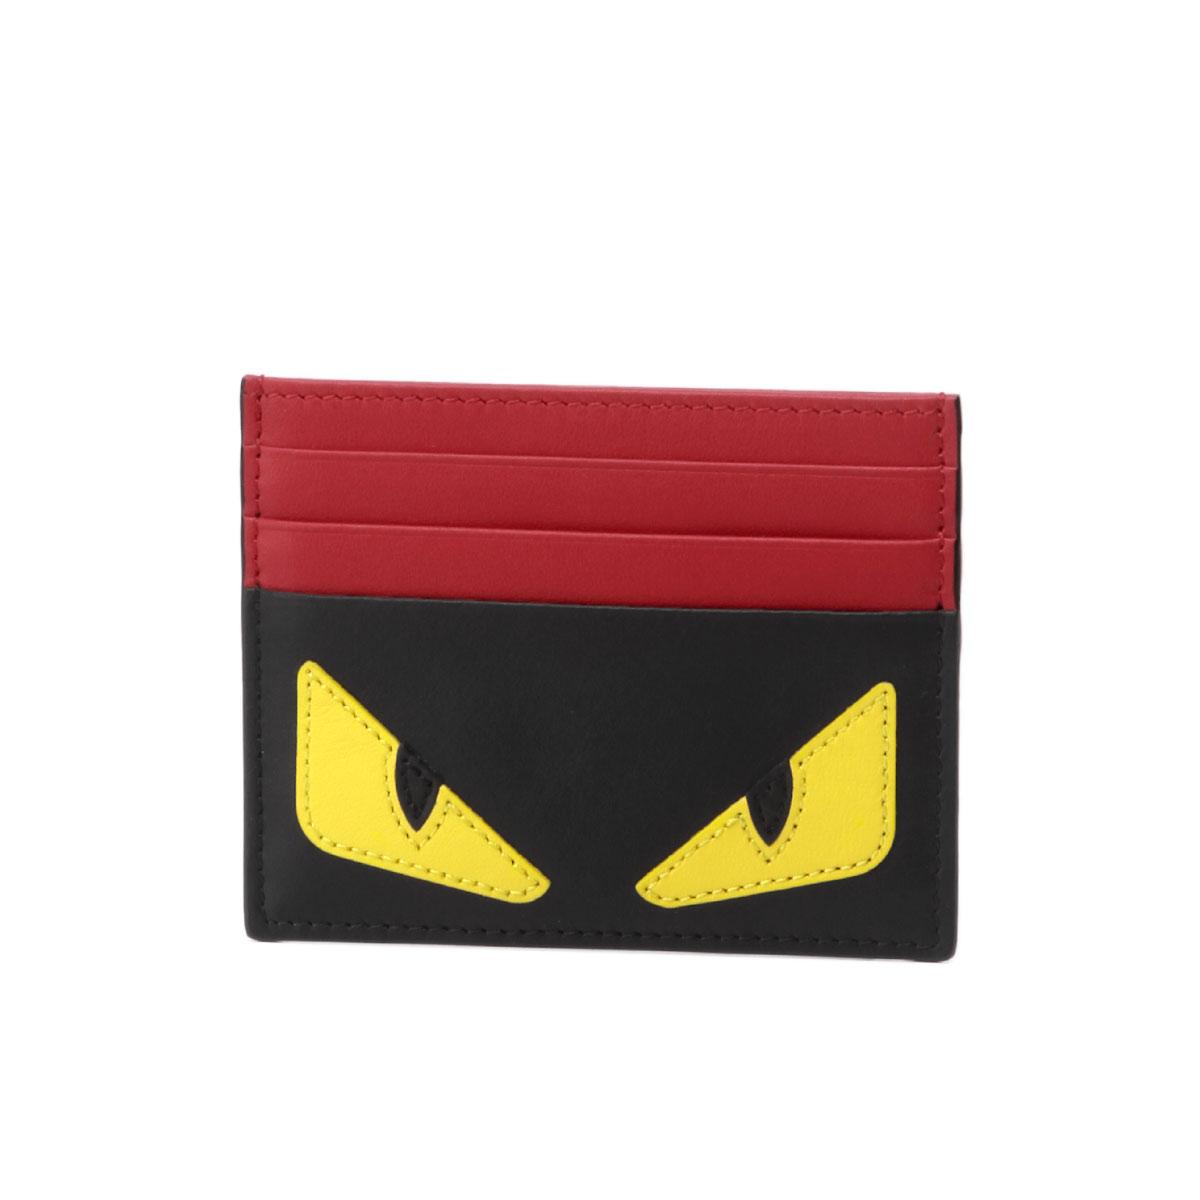 フェンディ FENDI カードケース メンズ 7M0164 O73 F0U9T BAG BUGS バッグ バグズ NERO+GIALLO+ROSSO ブラック/レッド